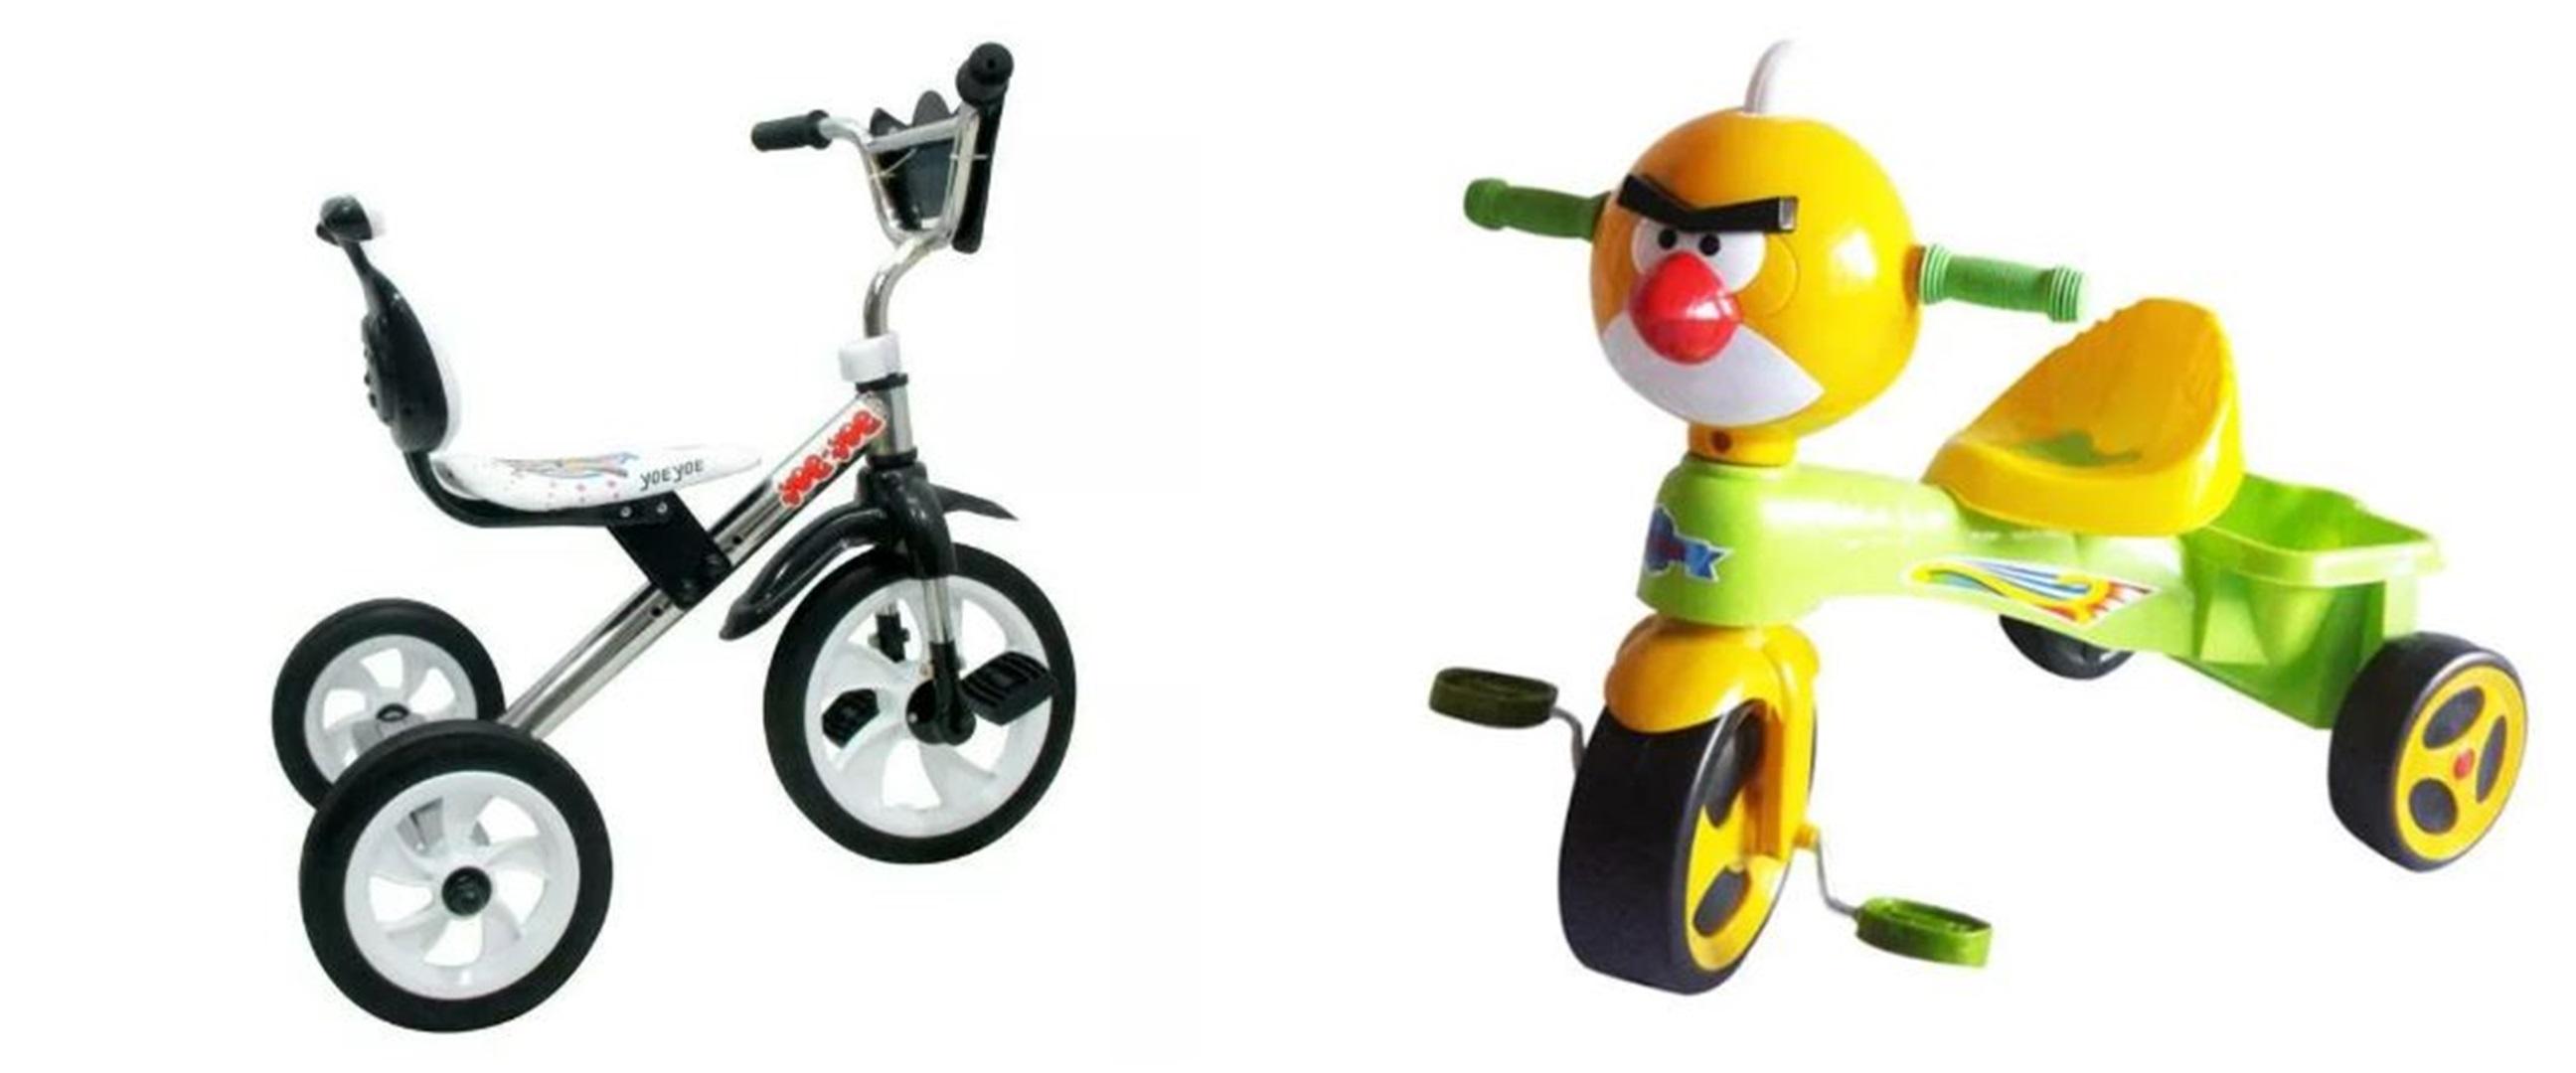 Harga sepeda roda tiga berbagai merek di bawah Rp 1 juta